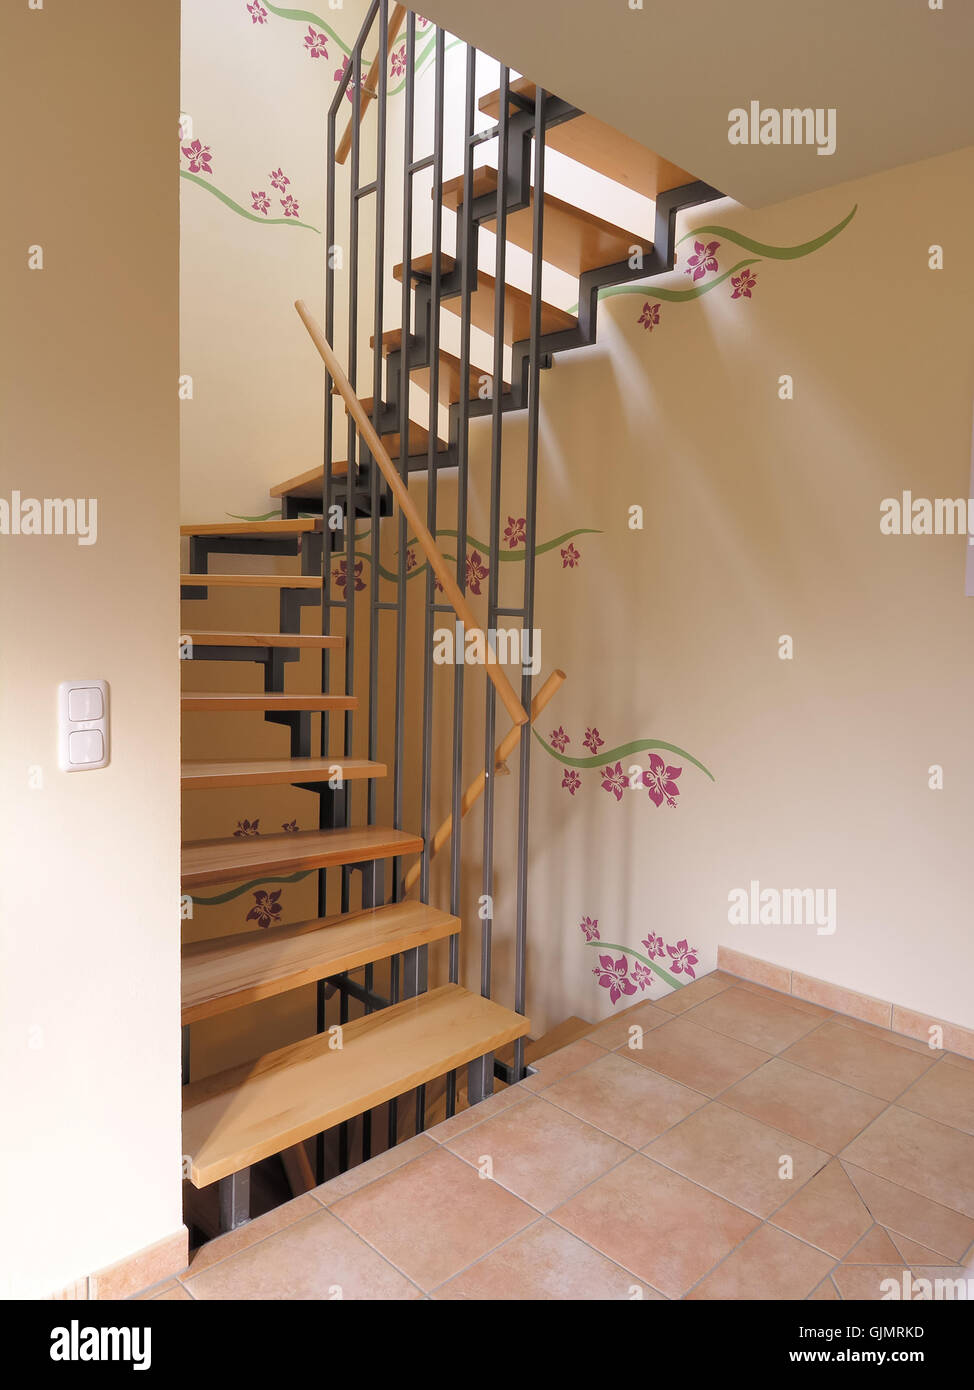 moderne treppen farbe stockfoto, bild: 114783633 - alamy